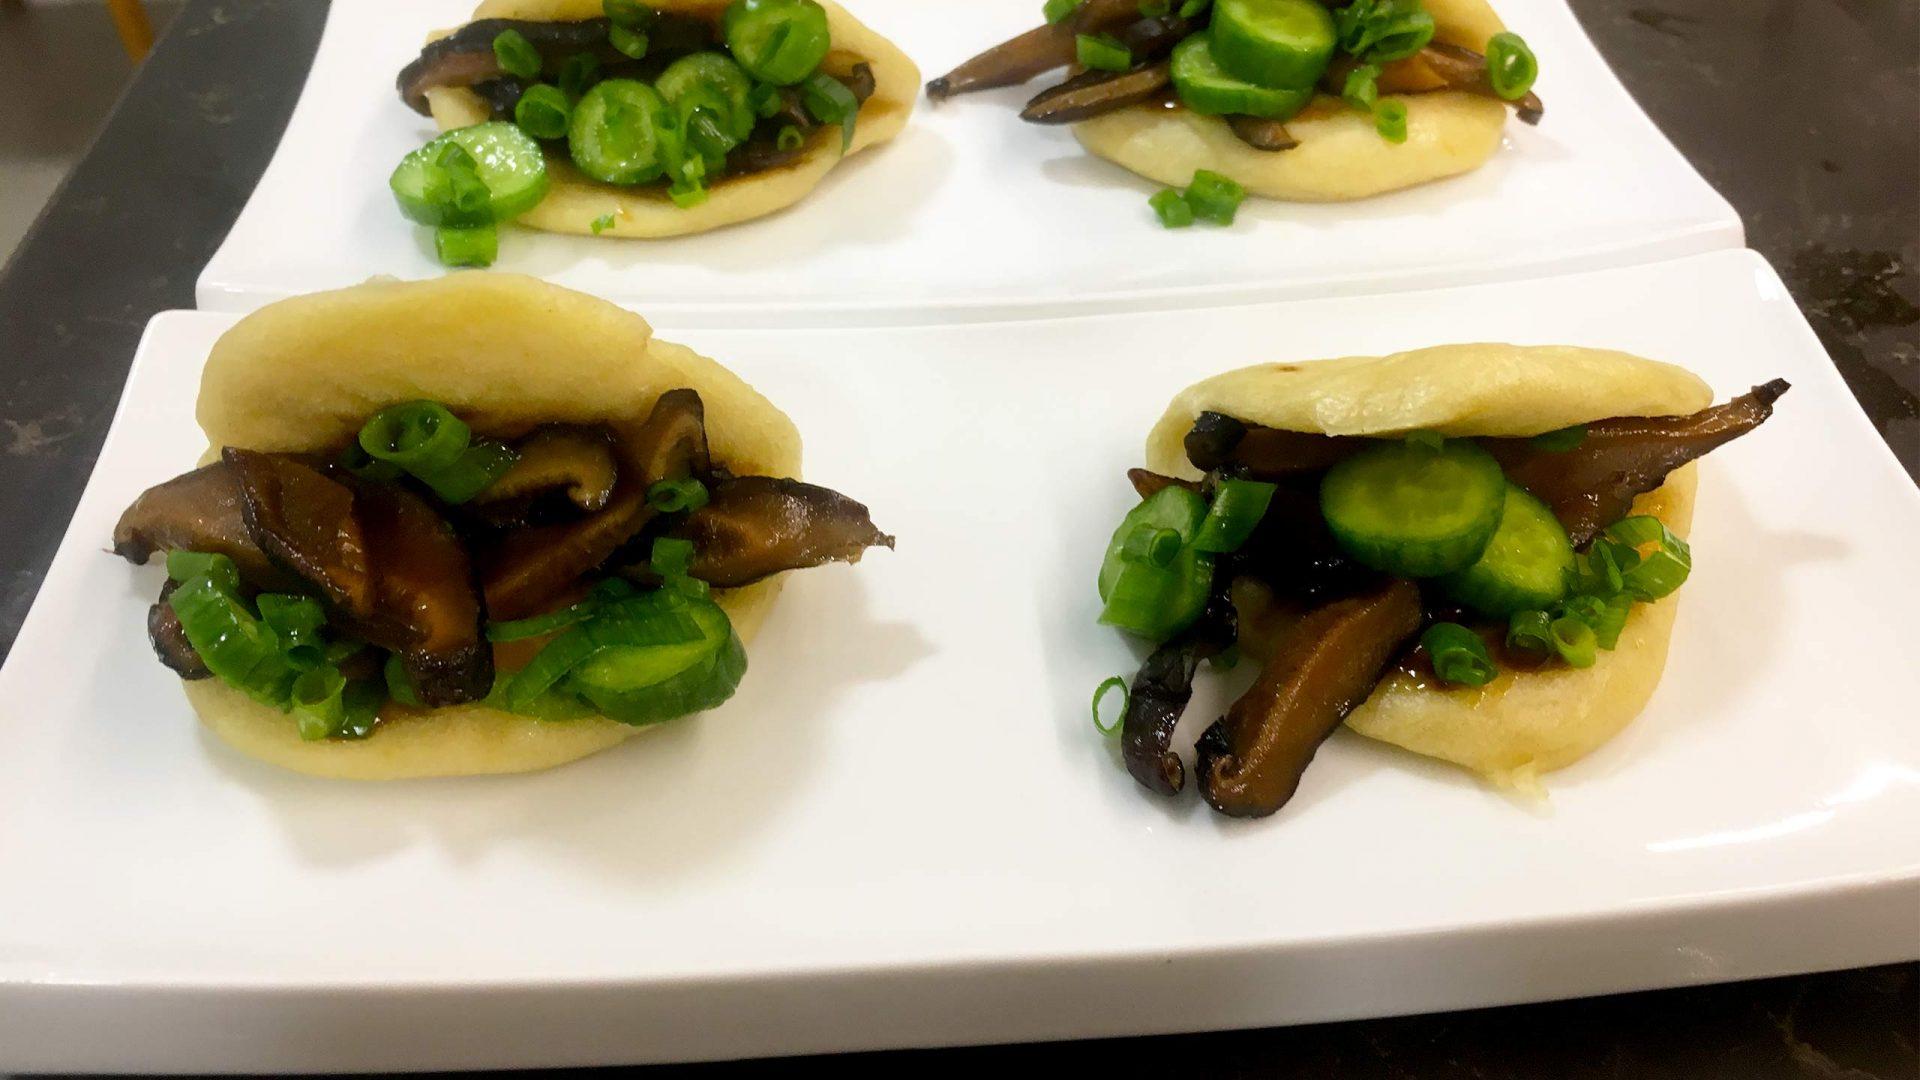 לחמניות באו ממולאות בפטריות שיטאקה ברוטב ברביקיו